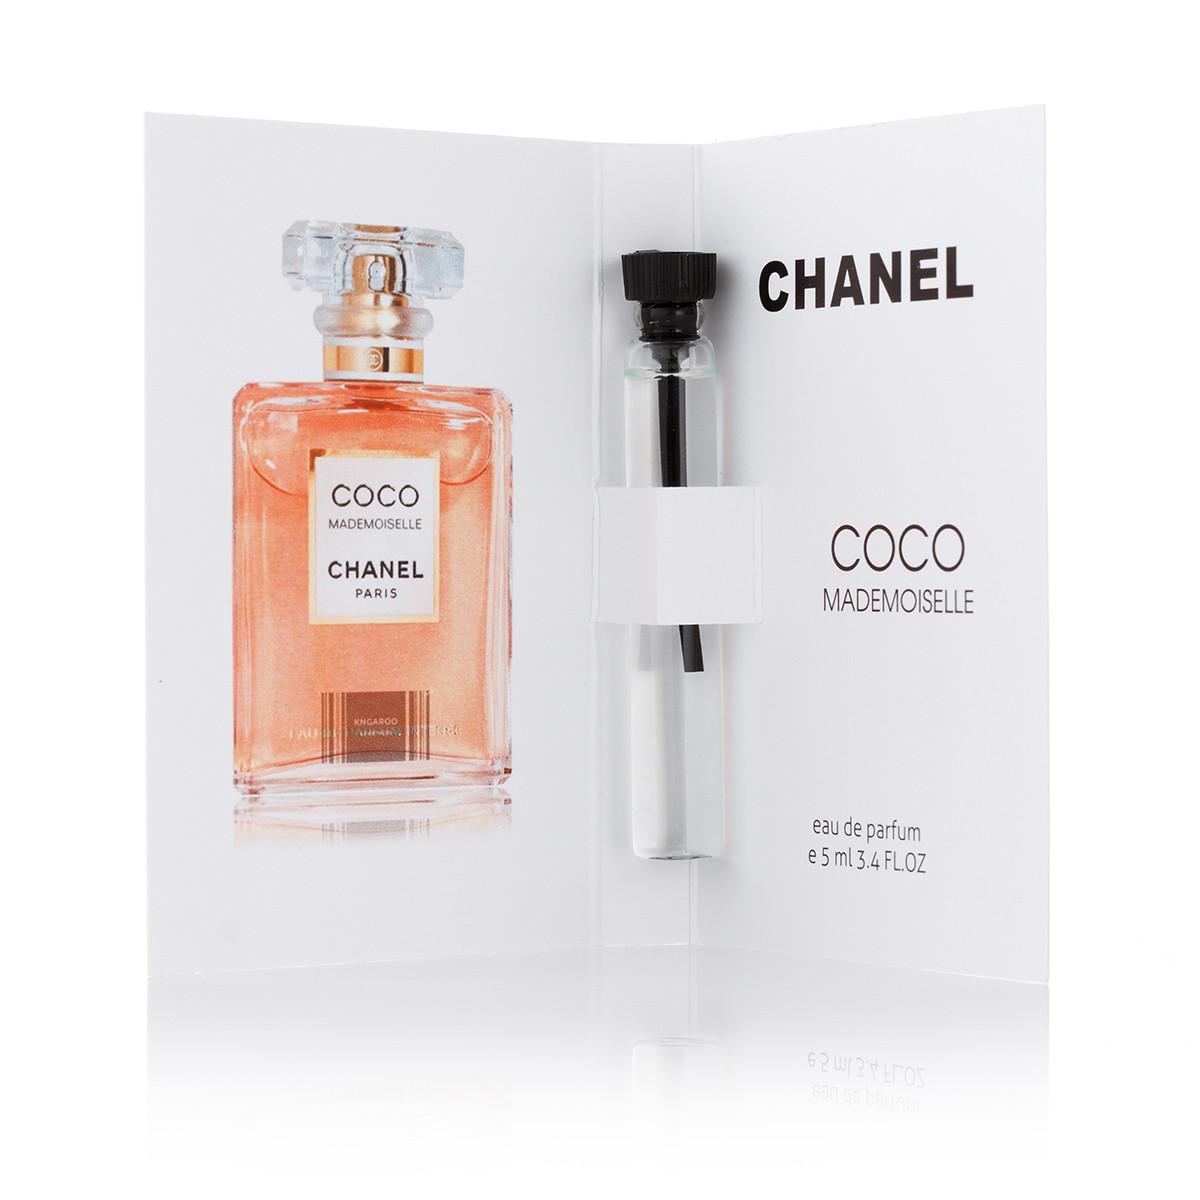 Женский парфюм Coco Chanel Mademoiselle пробник 5 ml (реплика)